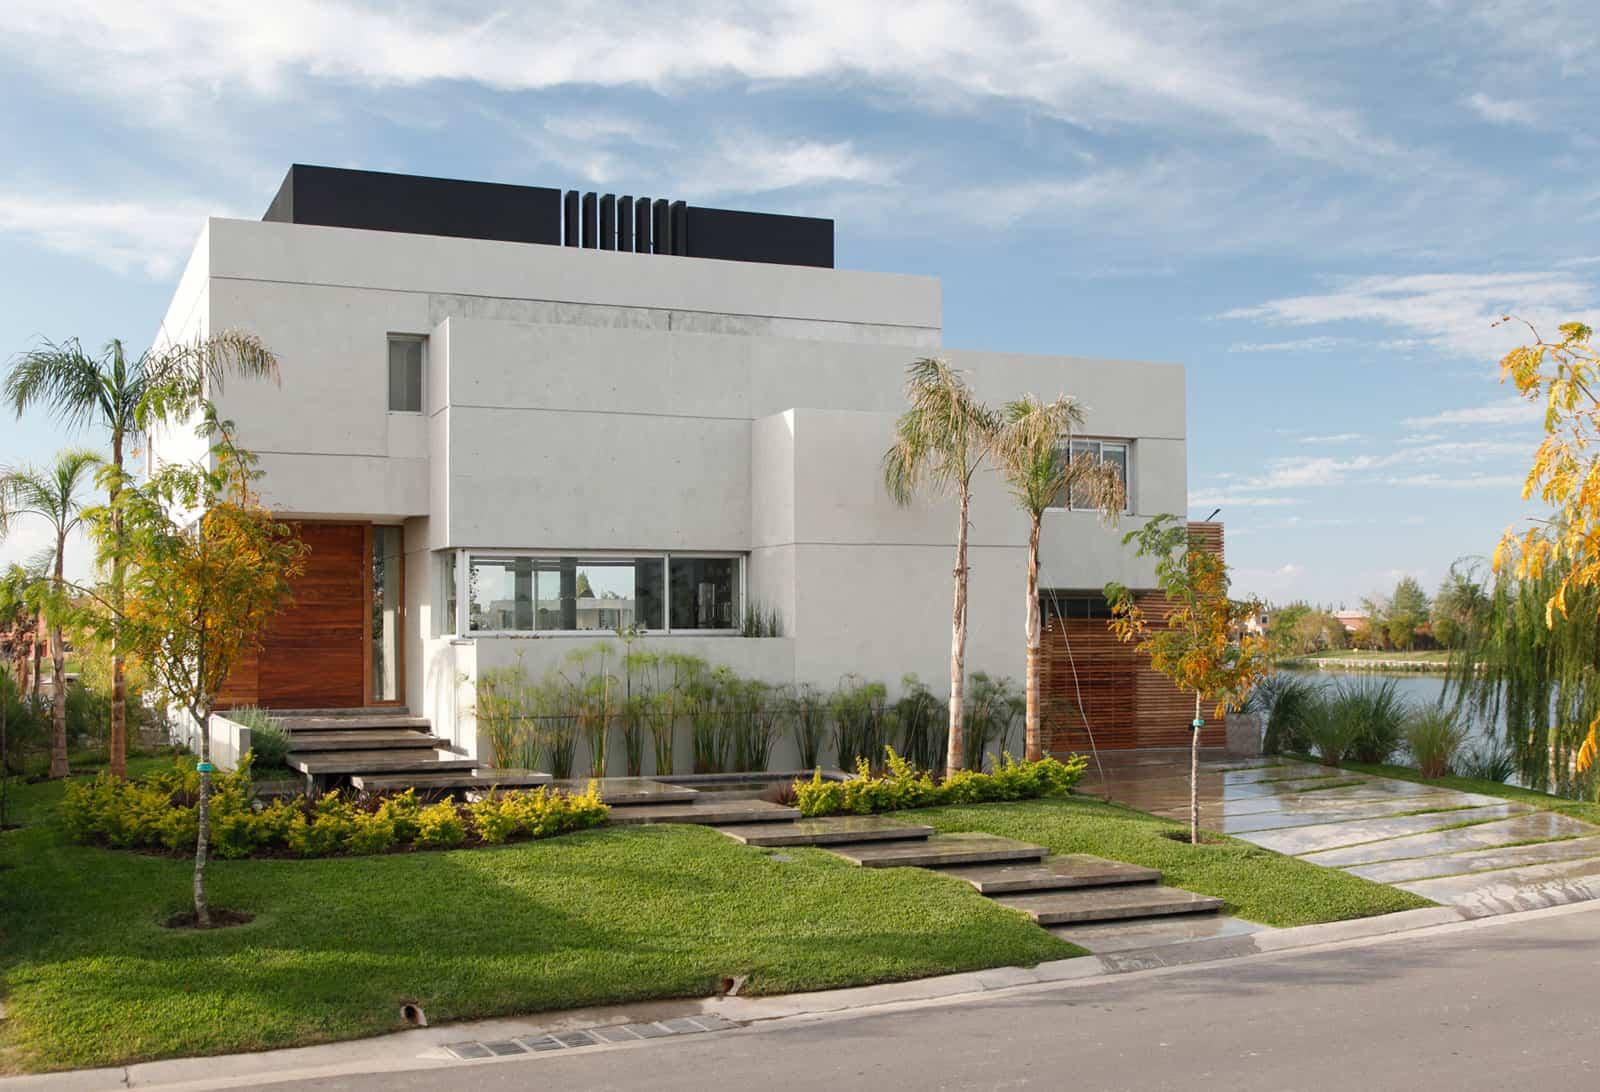 Casa Del Cabo By Andres Remy Arquitectos - Orchid-house-by-andres-remy-arquitectos